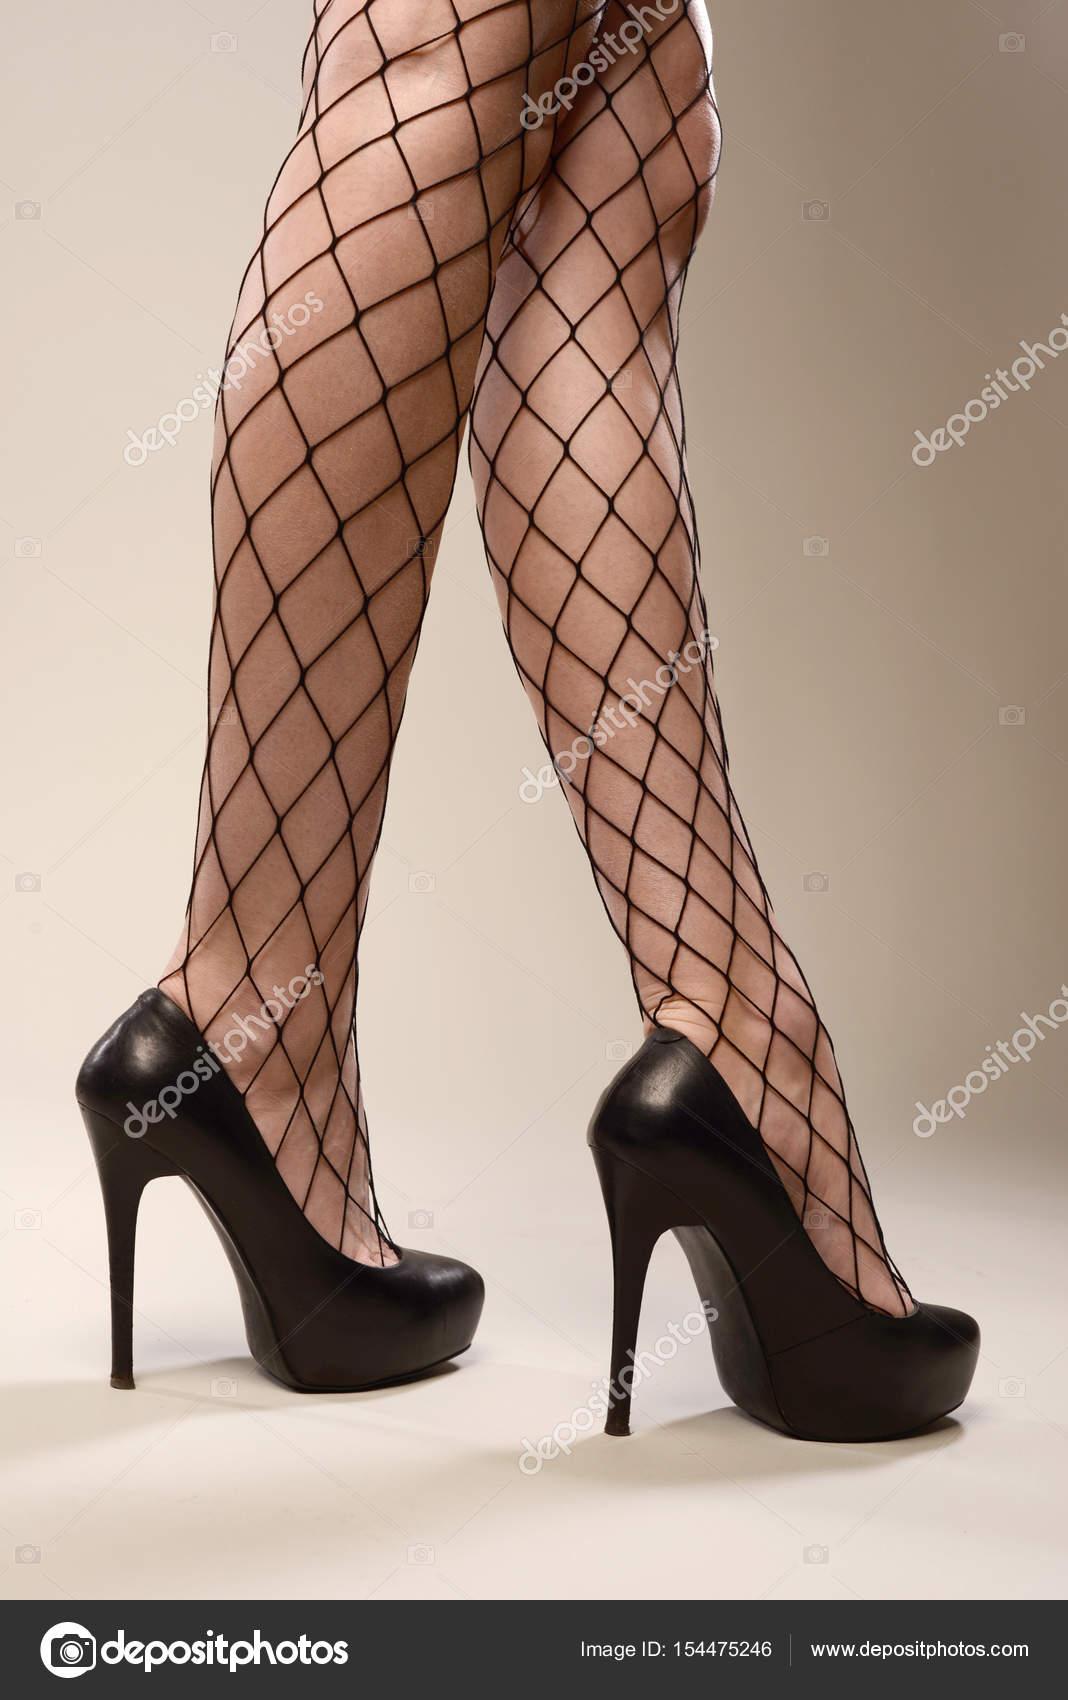 dba0e4605f Piernas hermosas delgadas sexy en medias de red negras y zapatos de tacones  — Foto de